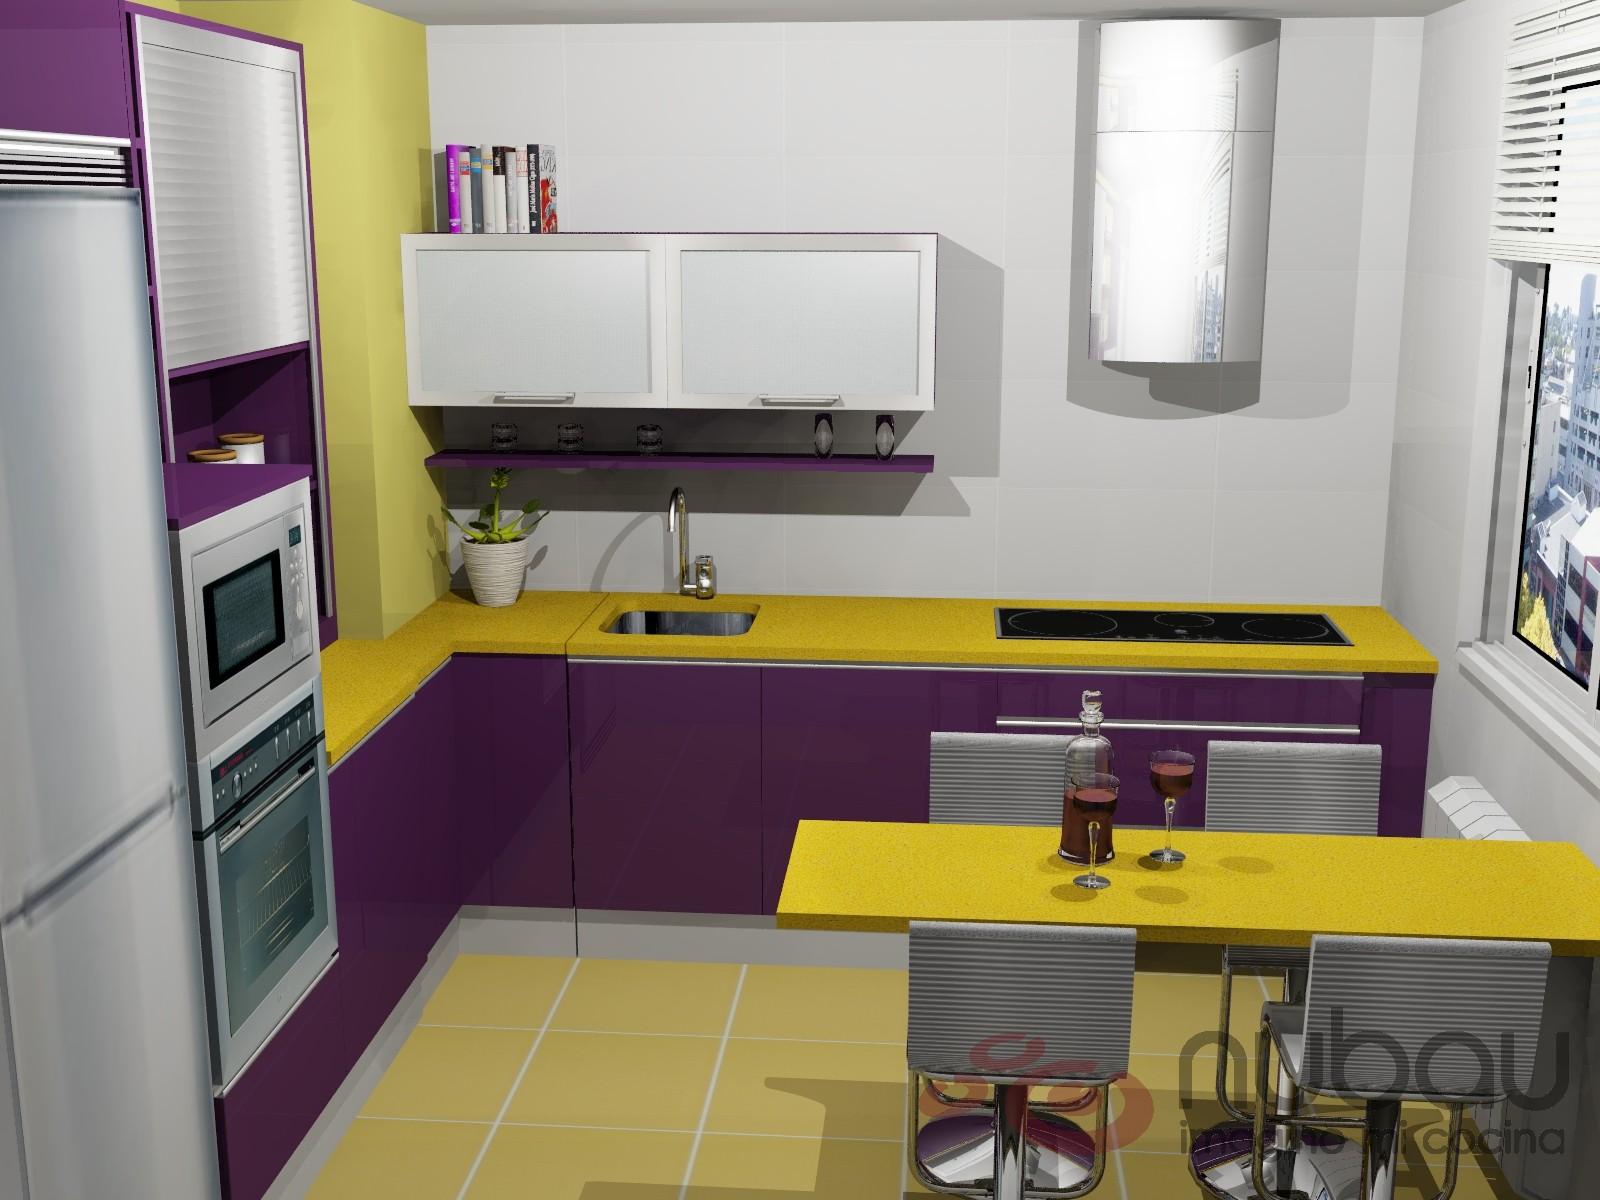 Ignacio blog nubau - Planificador de cocinas ...